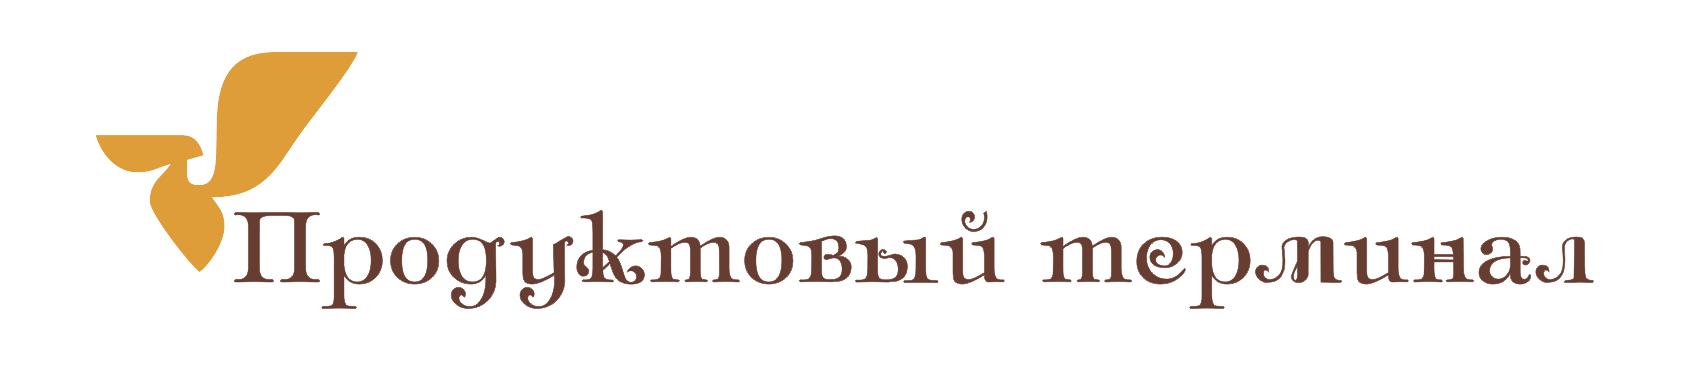 Логотип для сети продуктовых магазинов фото f_56056fa839f54e96.png